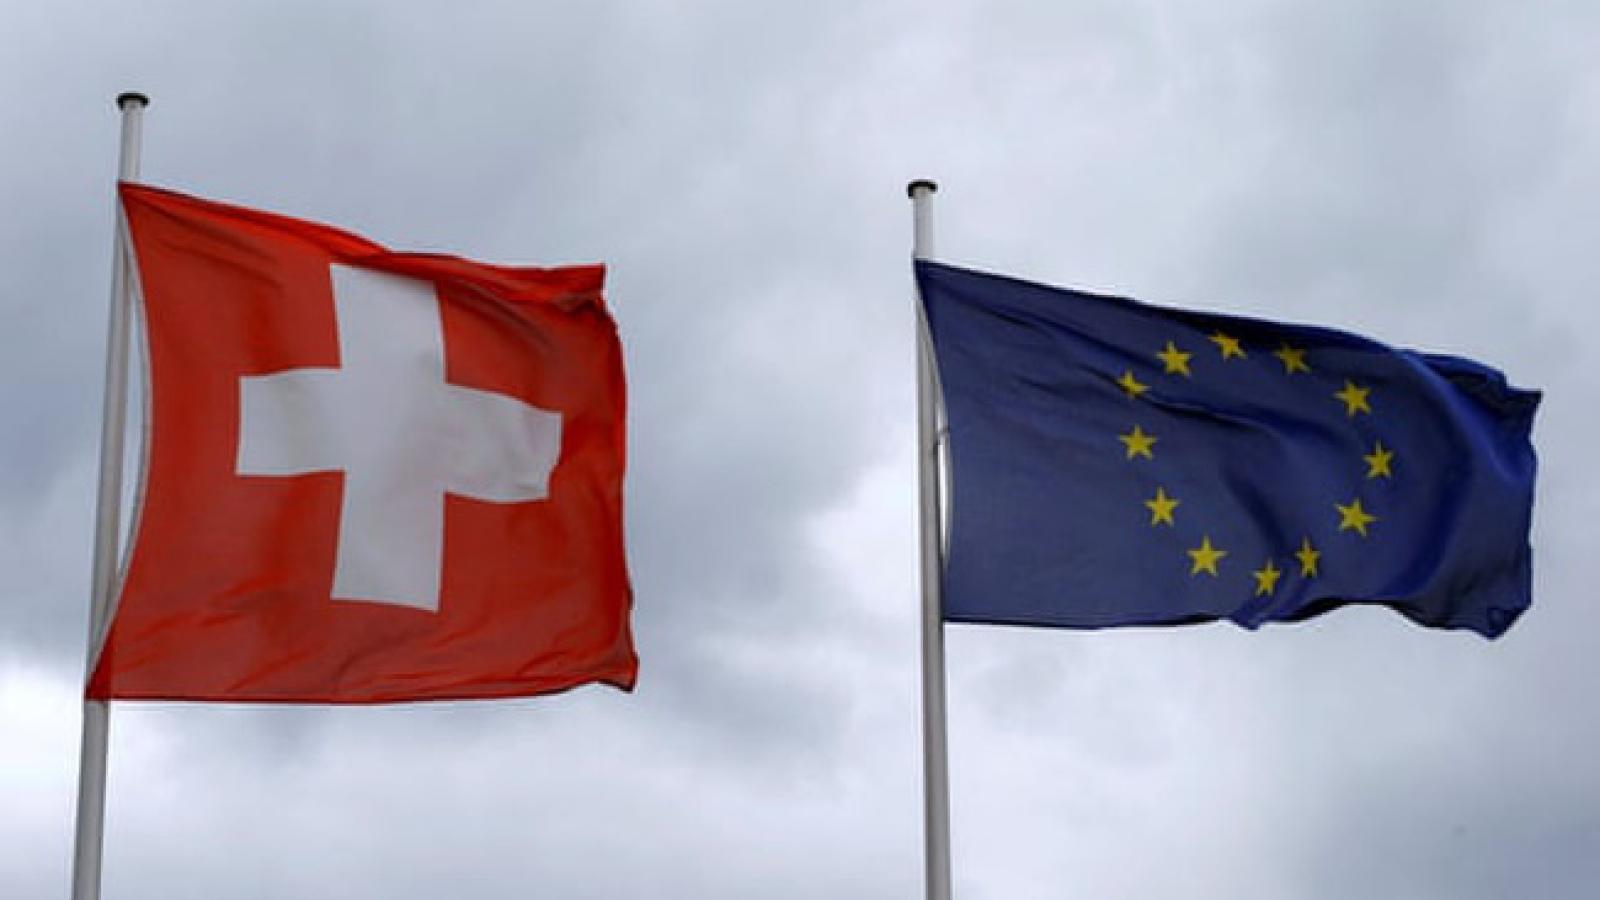 Lý do Thụy Sỹ chấm dứt đàm phán hiệp định hợp tác với EU